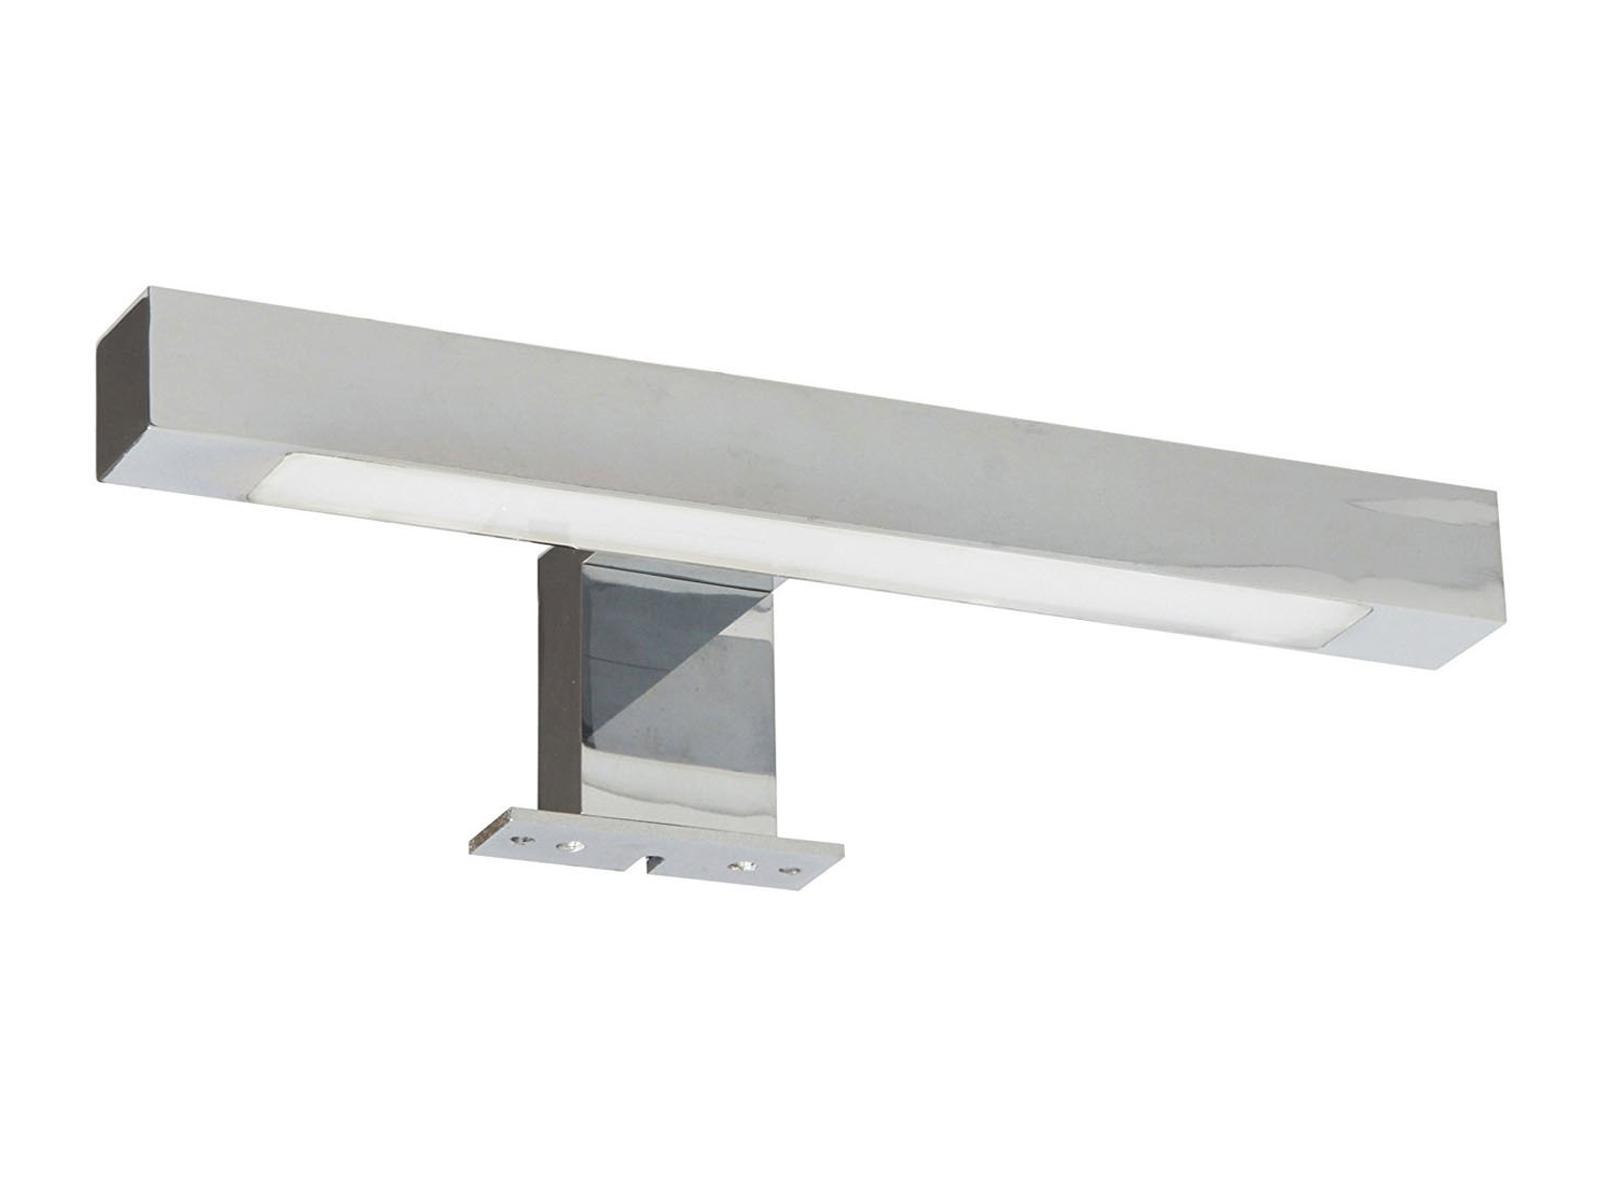 Moderne LED Spiegellampe fürs Badezimmer, Spiegelleuchte Chrom ...